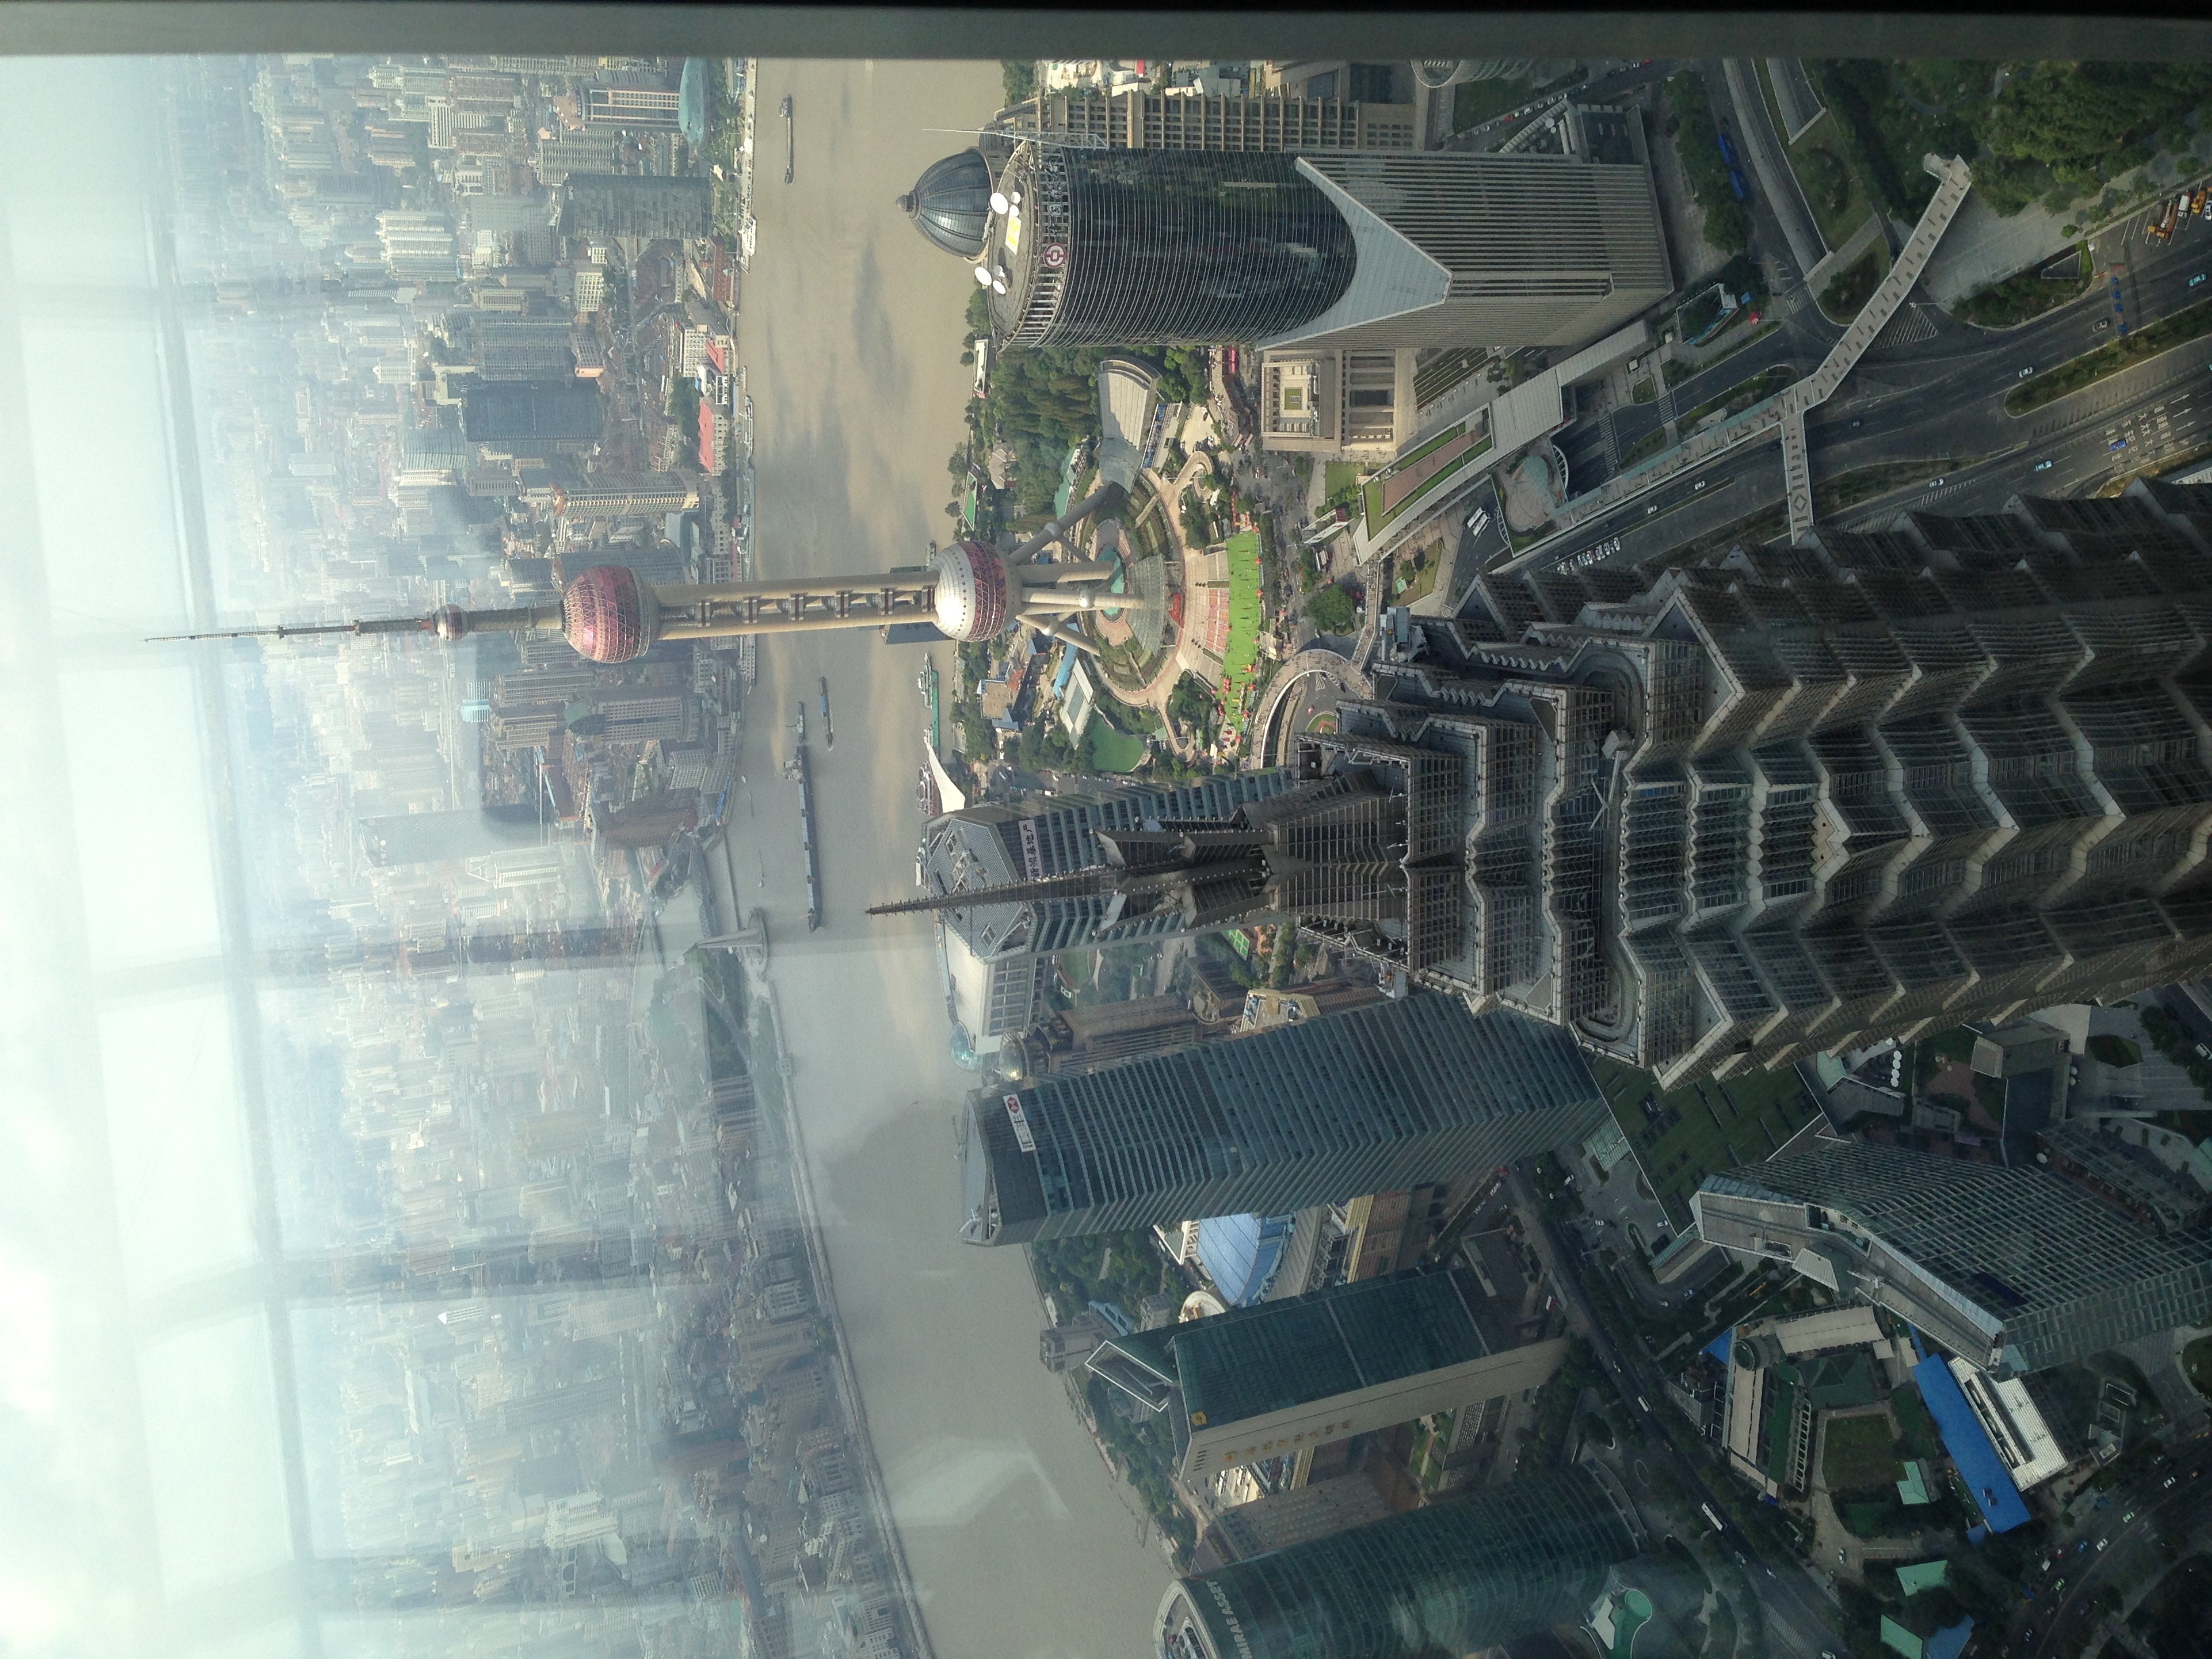 上海市最近天气_【携程攻略】上海上海环球金融中心景点,团购的学生票,只要99 ...